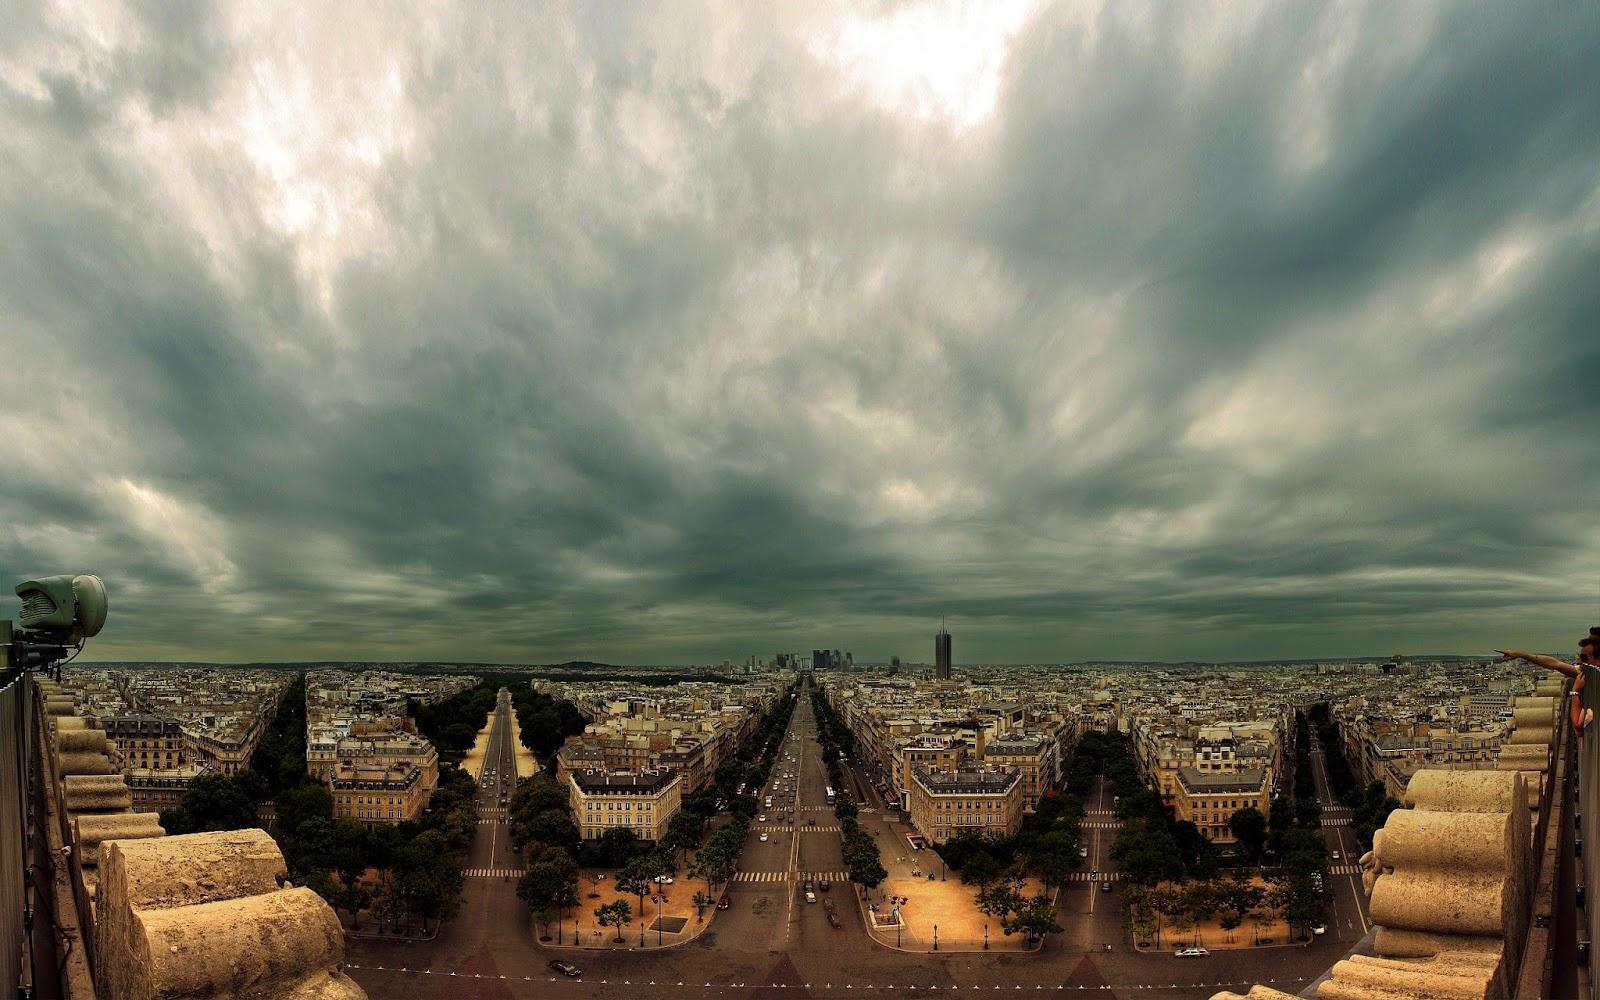 france city paris photography hd wallpaper - ASSCHU